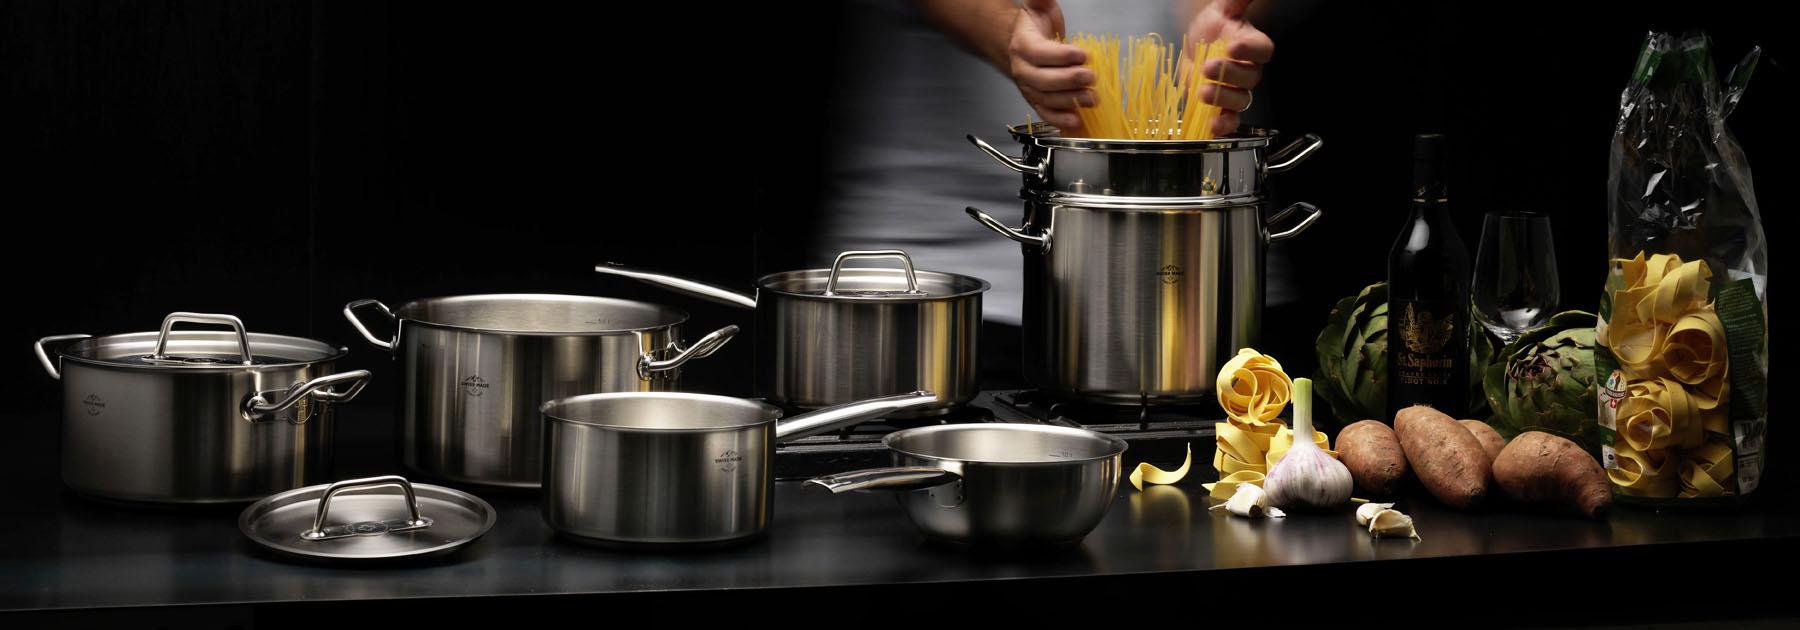 christmas, cooking, entertaining, saucepans, casseroles, pots, pans